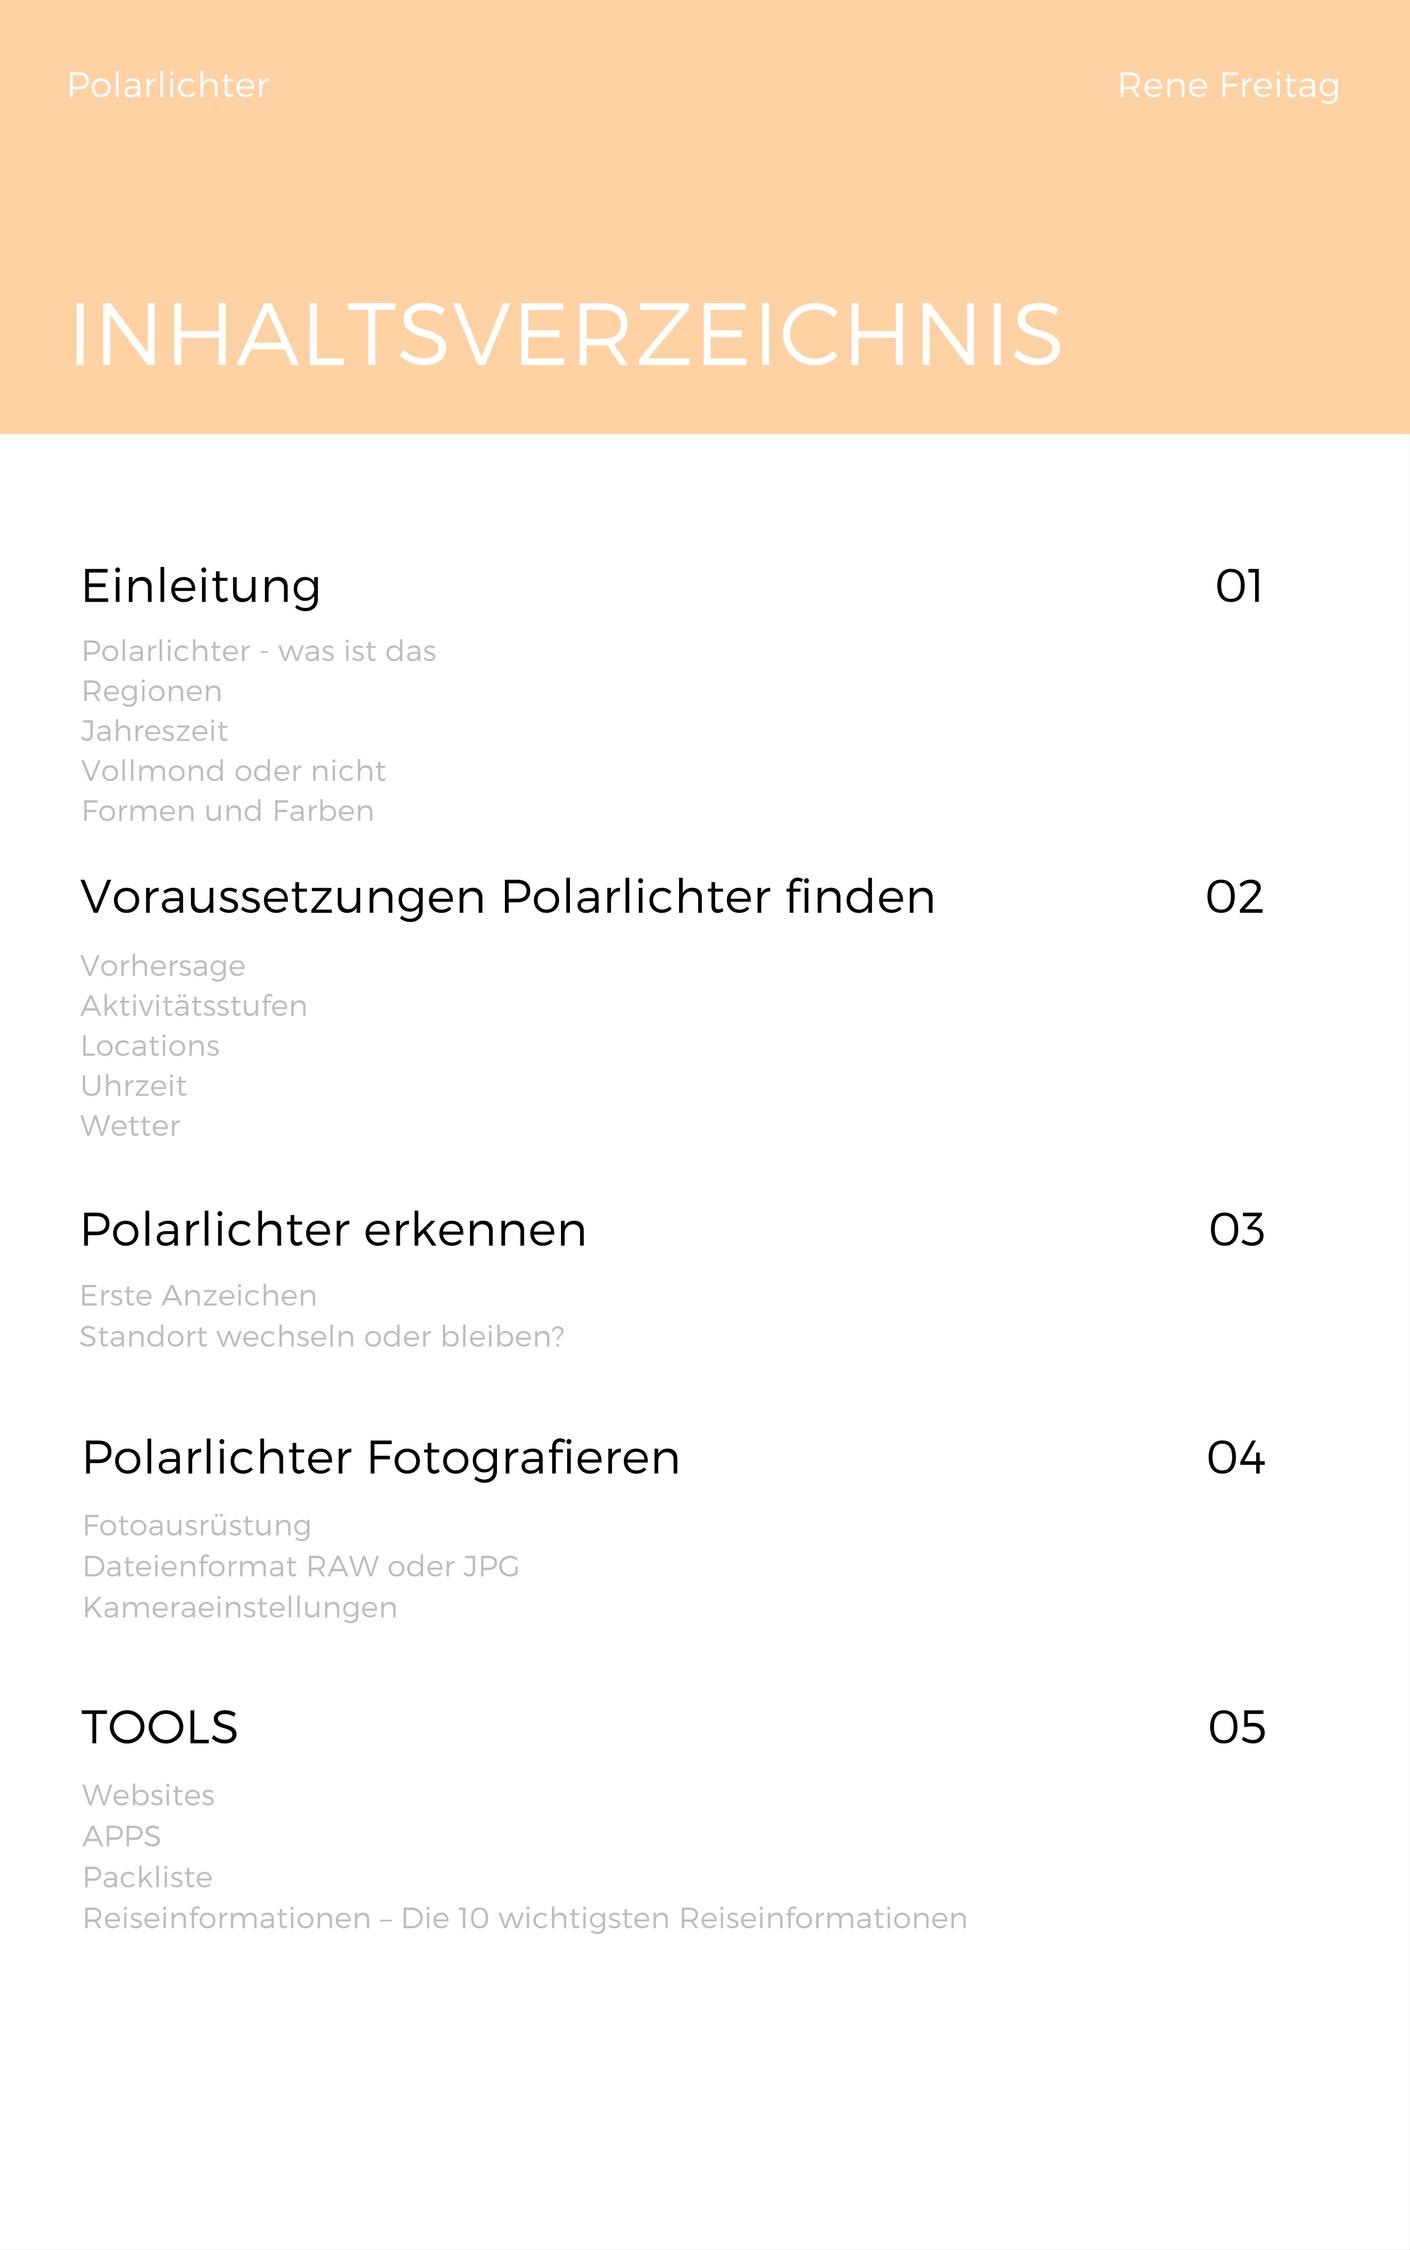 Inhaltsverzeichnis Polarlicht Guide